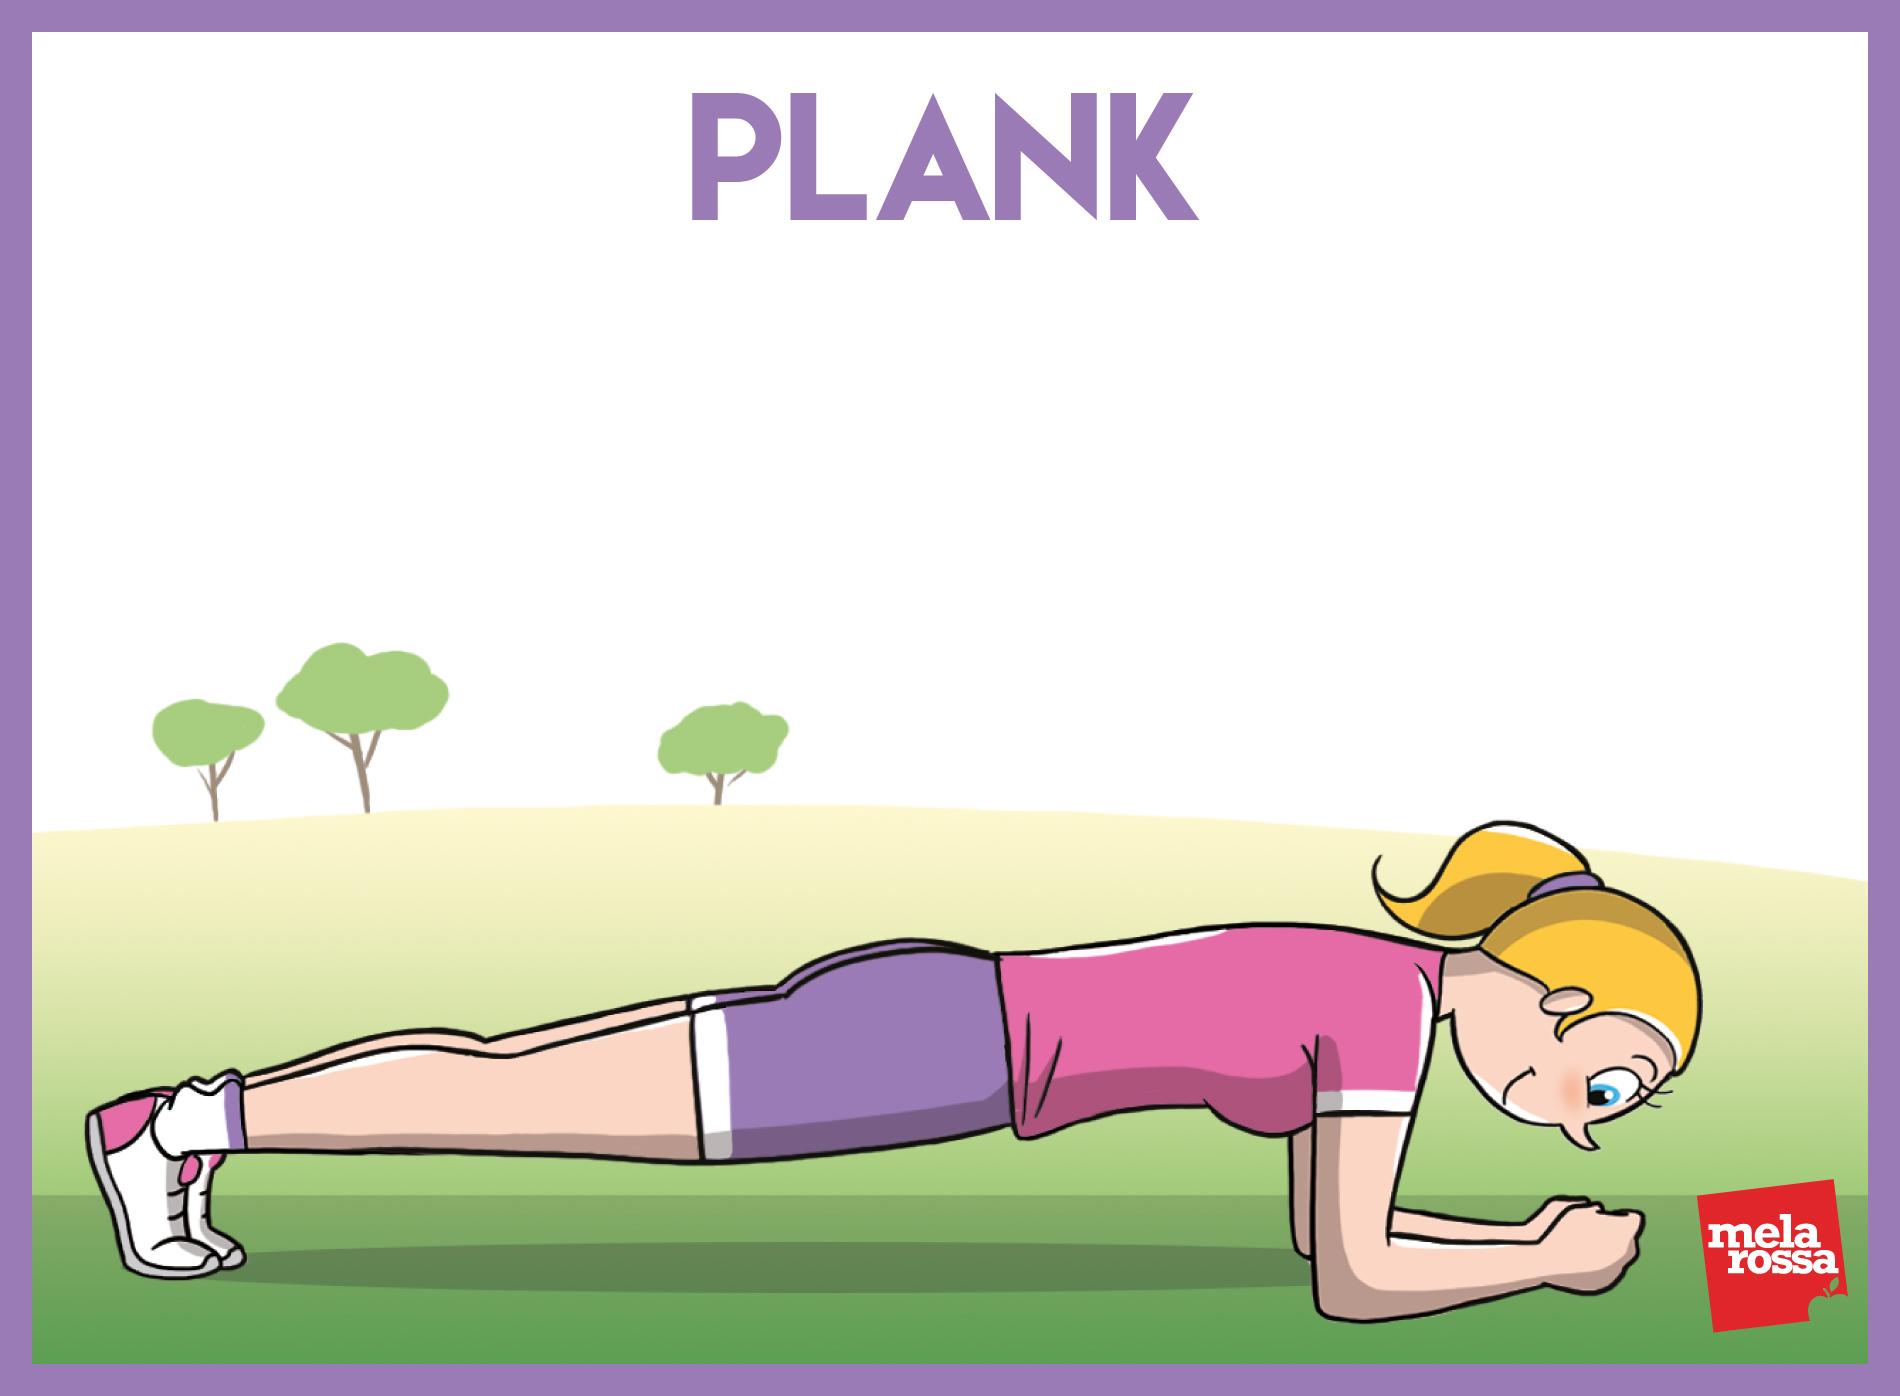 allenamento funzionale: plank